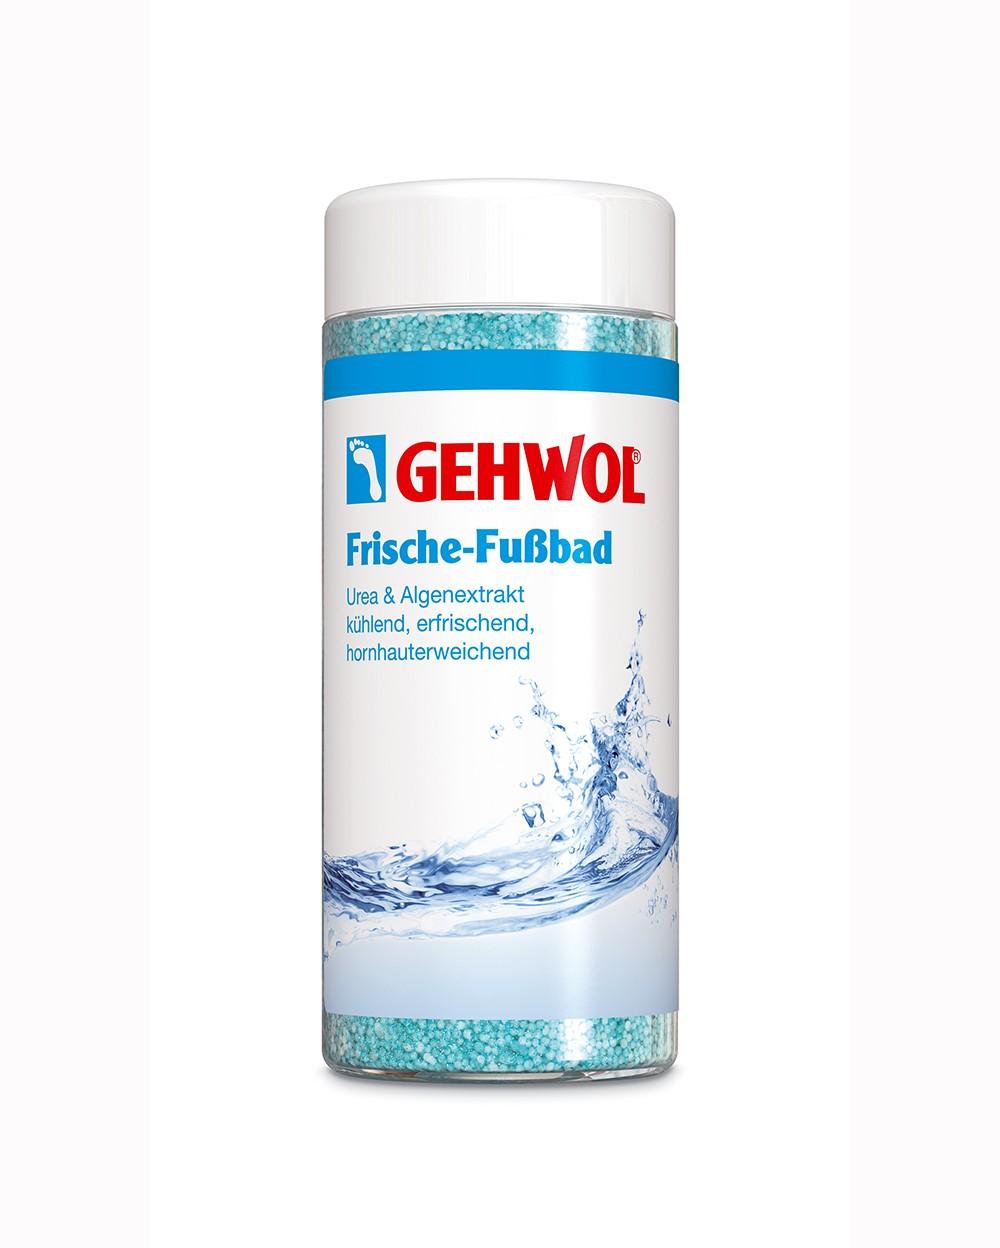 Gehwol Refreshing Foot Bath Освежающая ванна для ног, 330 г1*25526Освежающая Ванна (Frische-Fussbad) от GEHWOL, оживляющая ноги и обеспечивающая длительную свежесть благодаря содержанию ментола. Средство устраняет неприятный запах ног и интенсивно очищает кожу. Мочевина и экстракт водорослей обеспечивают дополнительную влагу сухой, потрескавшейся коже, смягчает мозоли и рубцы. При регулярном использовании, ноги надолго остаются здоровыми и ухоженными.Освежающая Ванна придает ногам свежесть и охлаждает их. Новая ванна , которую представила марка «Геволь» состоит из гранул, по консистенции почти как порошок, поэтому может легко дозироваться. Рекомедуется для ухода за диабетической стопой.